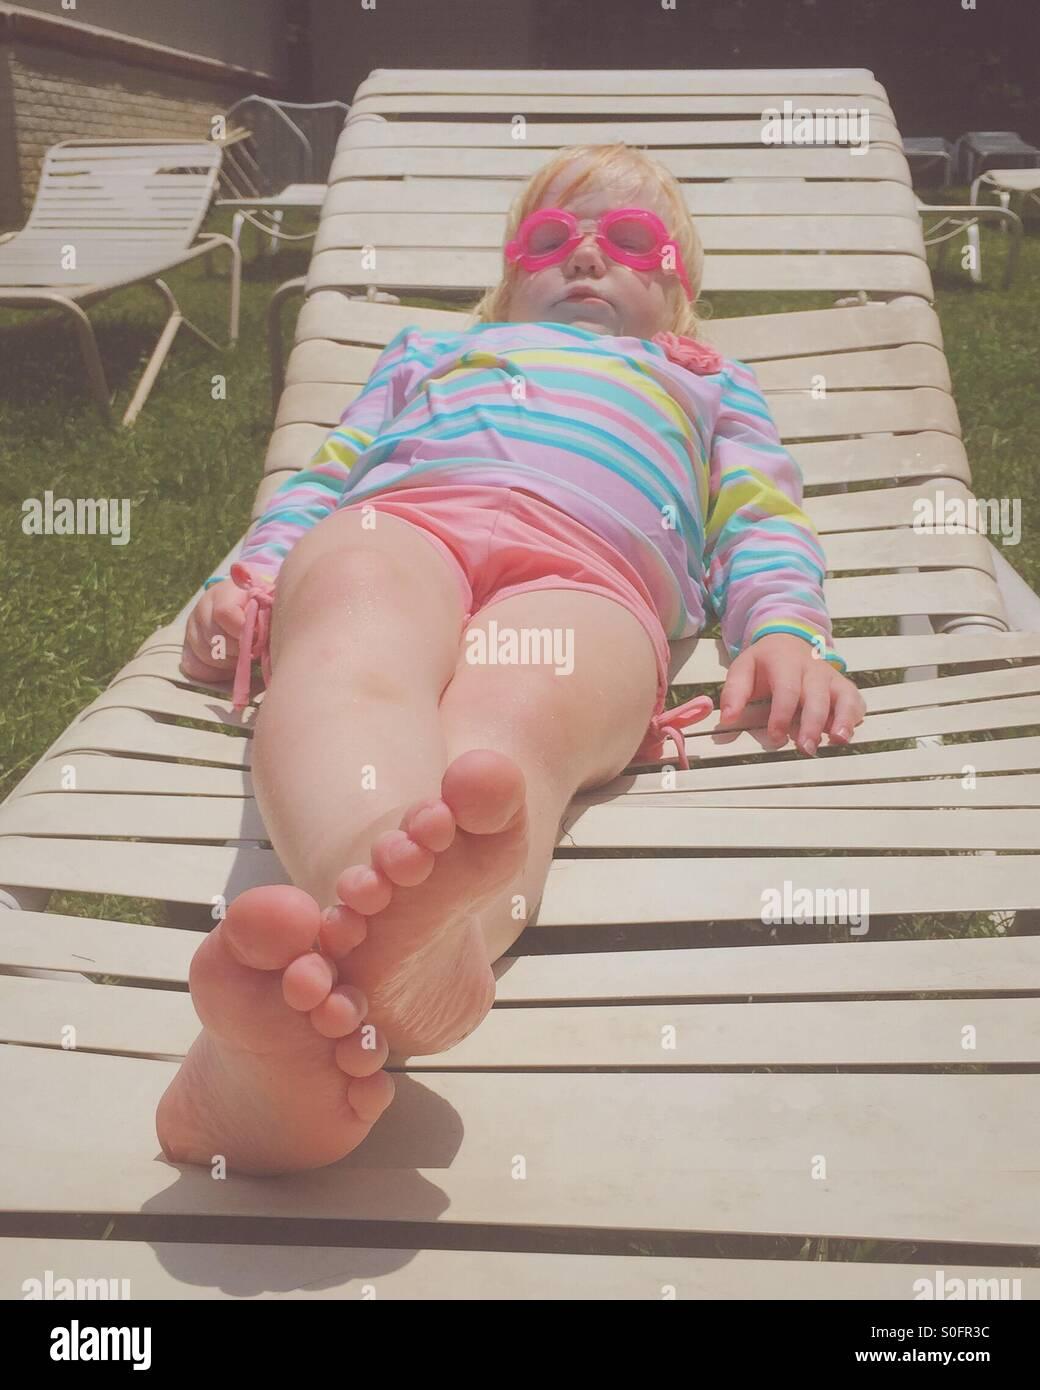 Ragazza giovane relax su una sedia a sdraio che indossa un costume da bagno e occhiali da nuoto. Immagini Stock